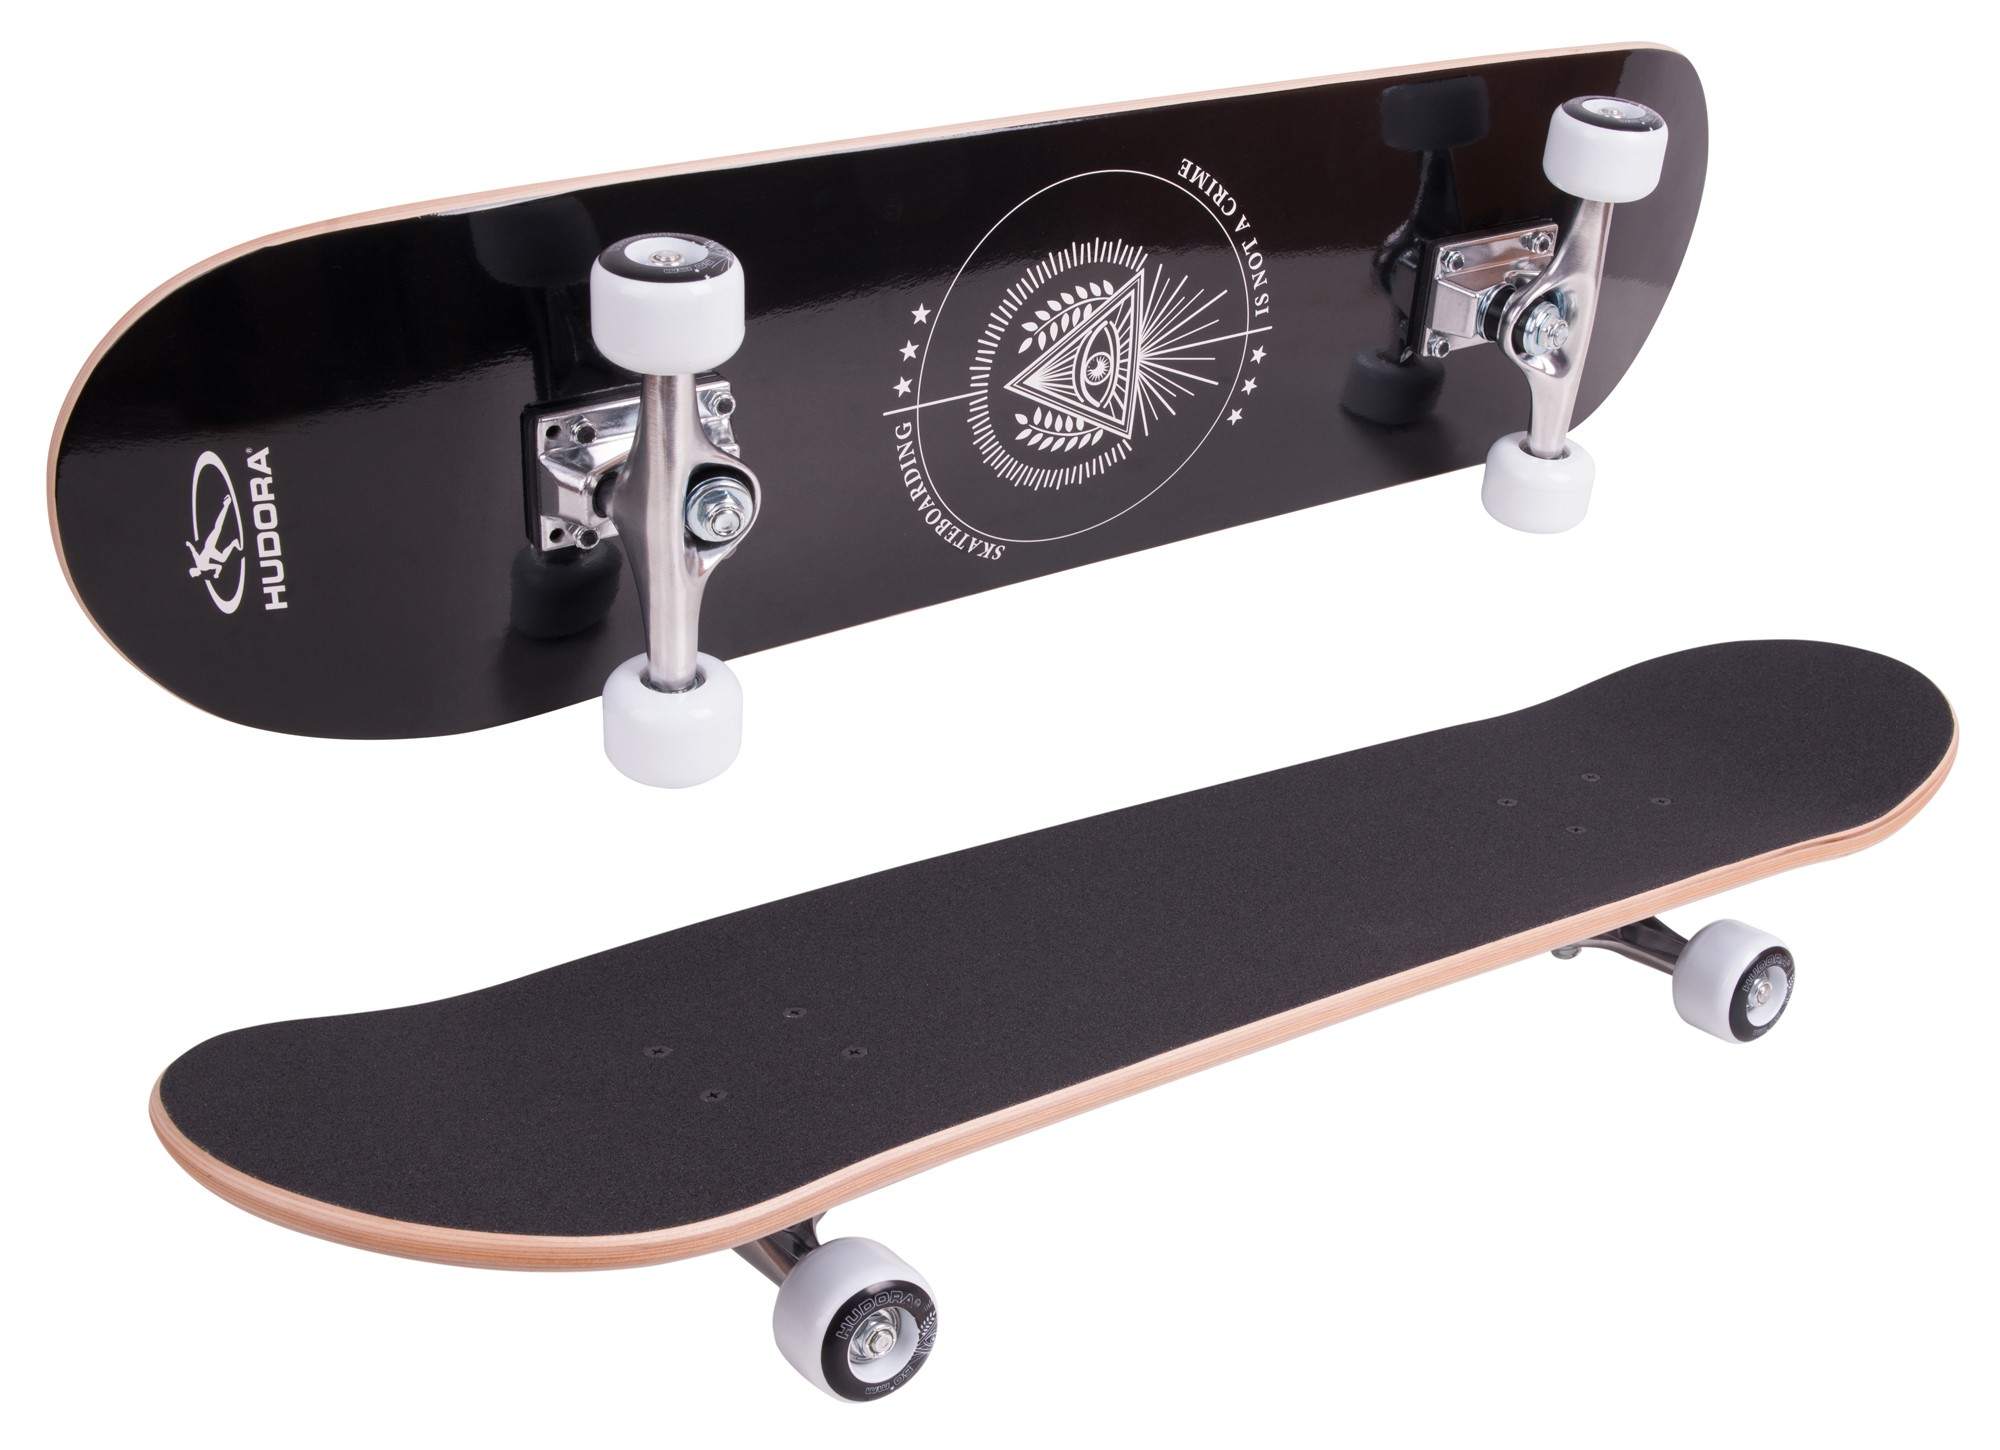 Skateboard Hudora Columbia Heights ABEC 3 mit Rucksack Bild 2